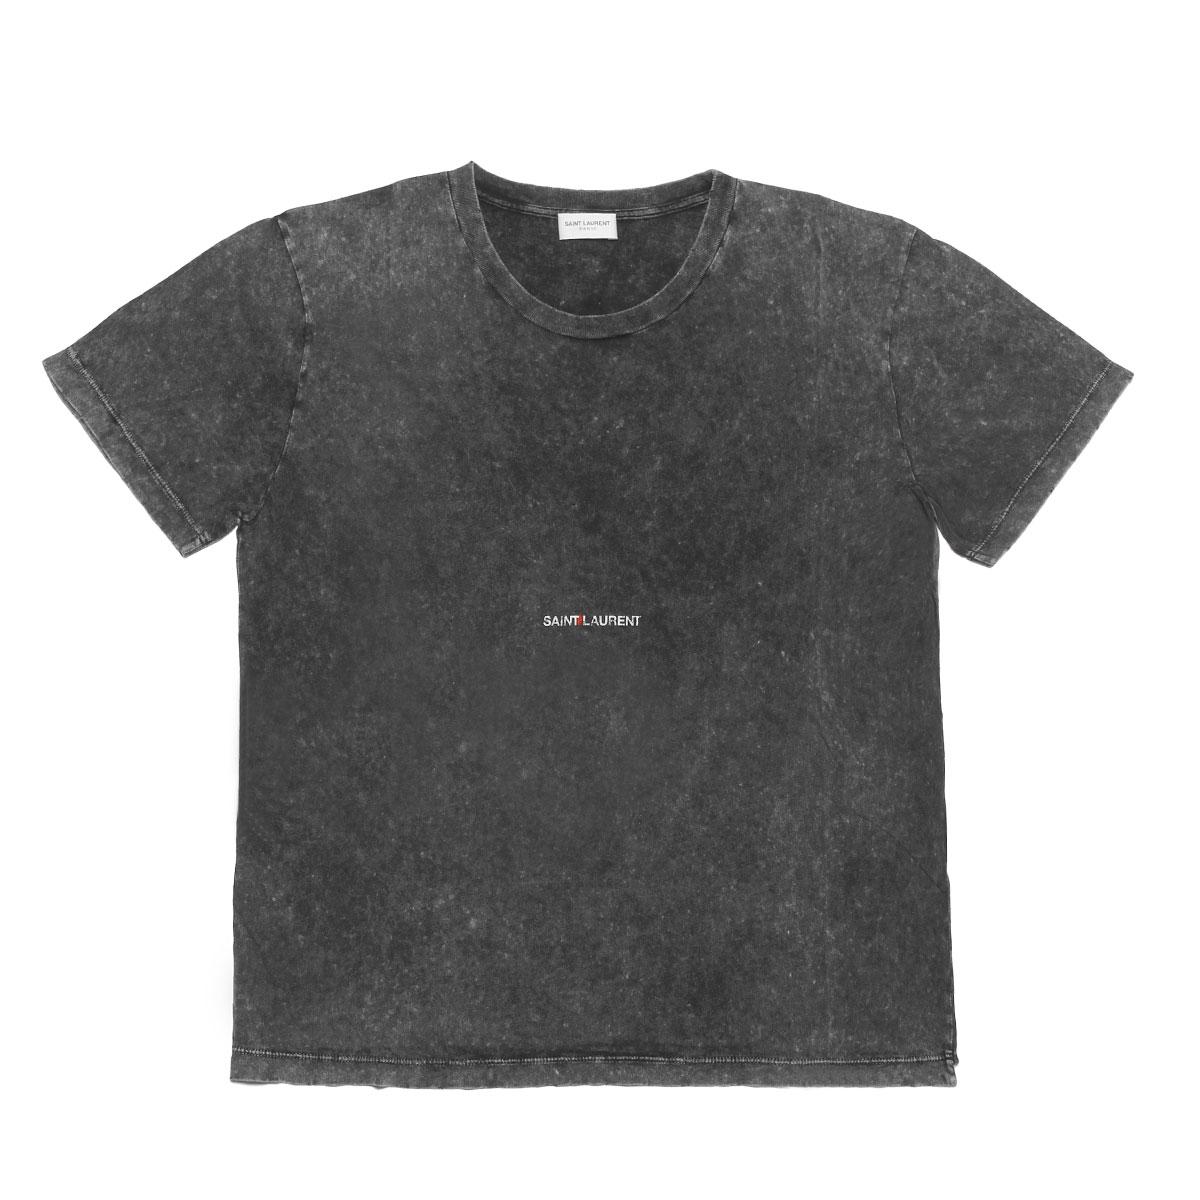 サン ローラン SAINT LAURENT Tシャツ レディース 497112 YB2LO 1059 半袖Tシャツ GREY グレー